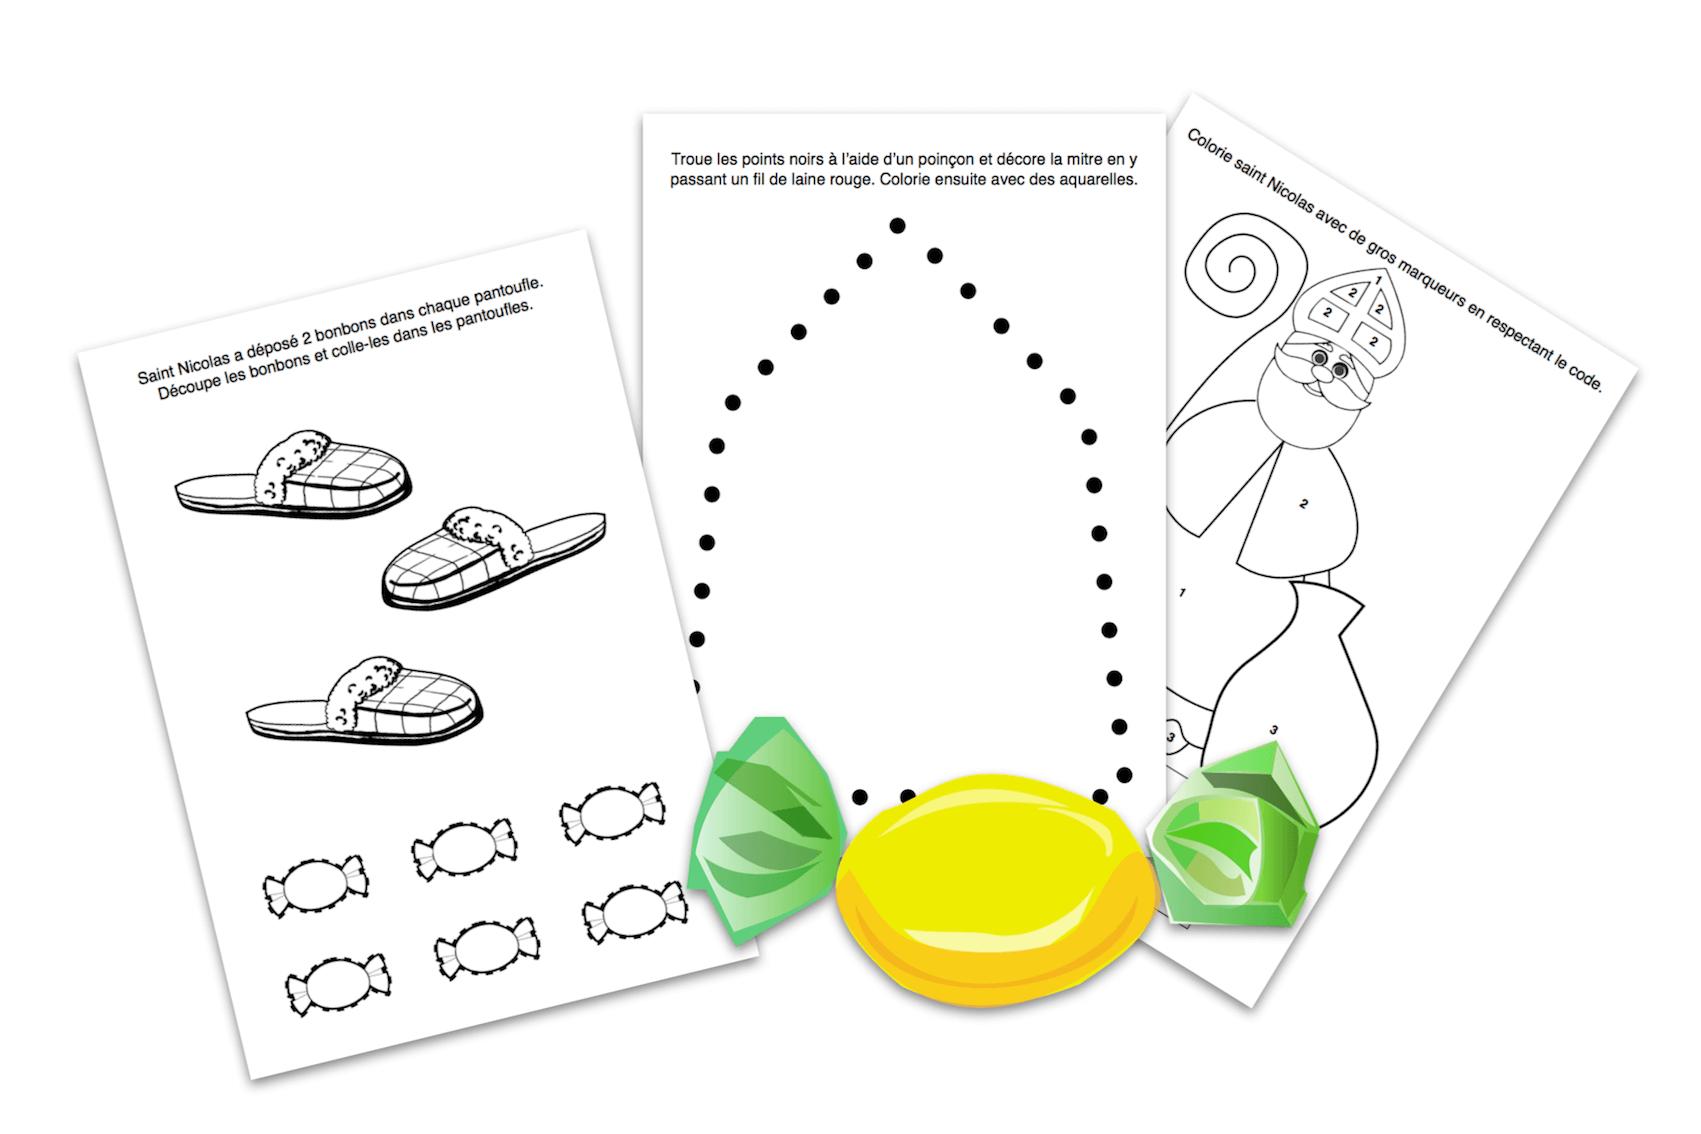 Didactécole - Exercices Pour La Classe Maternelle concernant Exercices Maternelle Grande Section En Ligne Gratuit